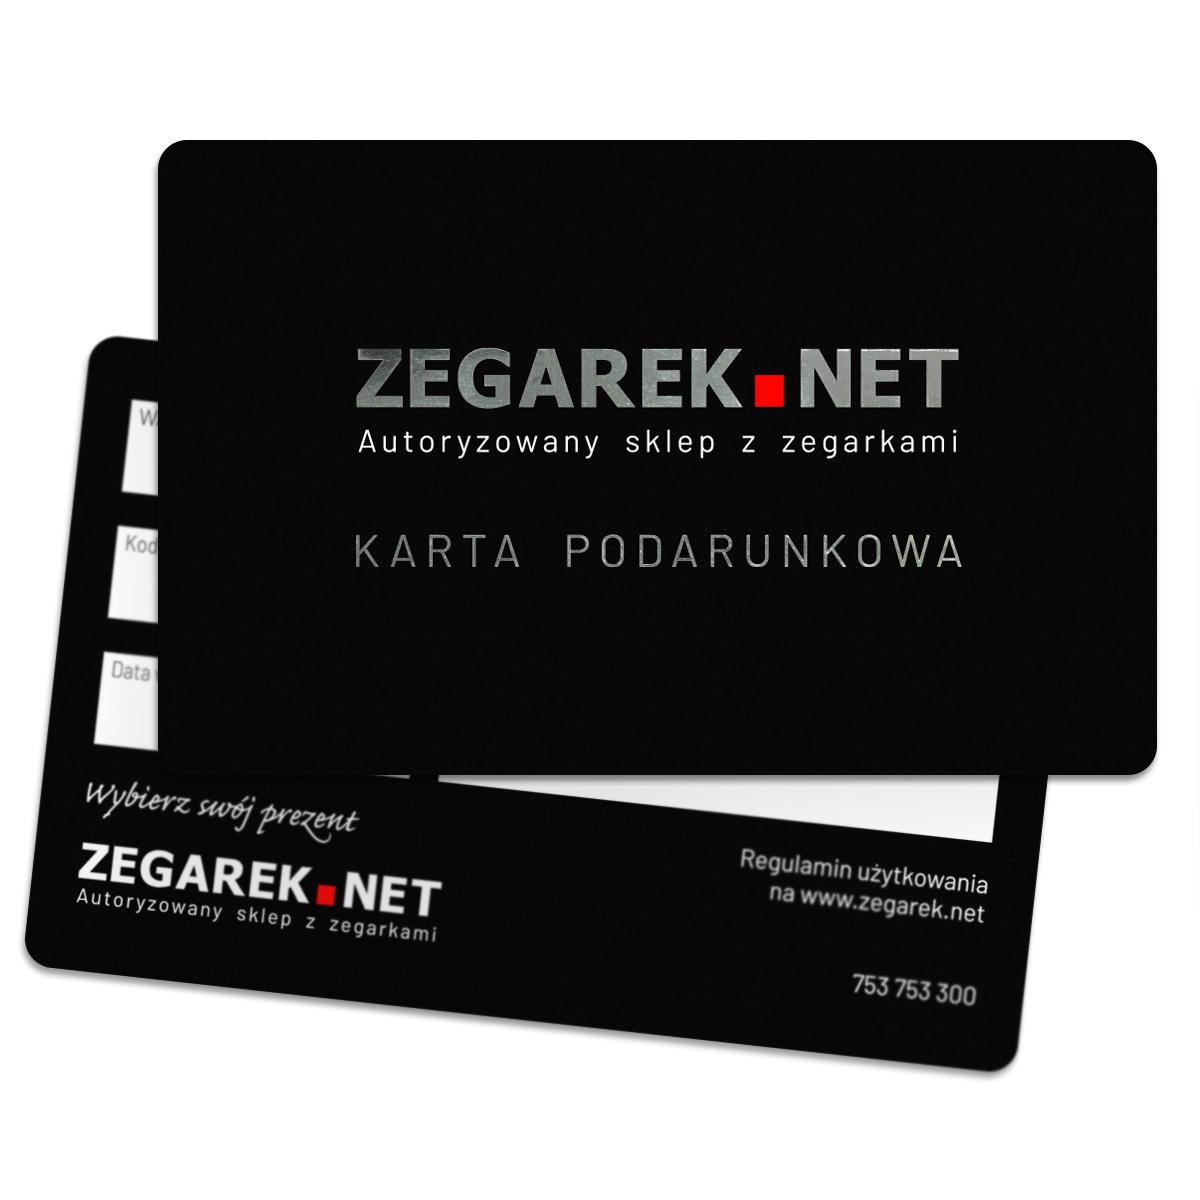 ZEGAREK.NET Karta podarunkowa 200 zł - karta podarunkowa